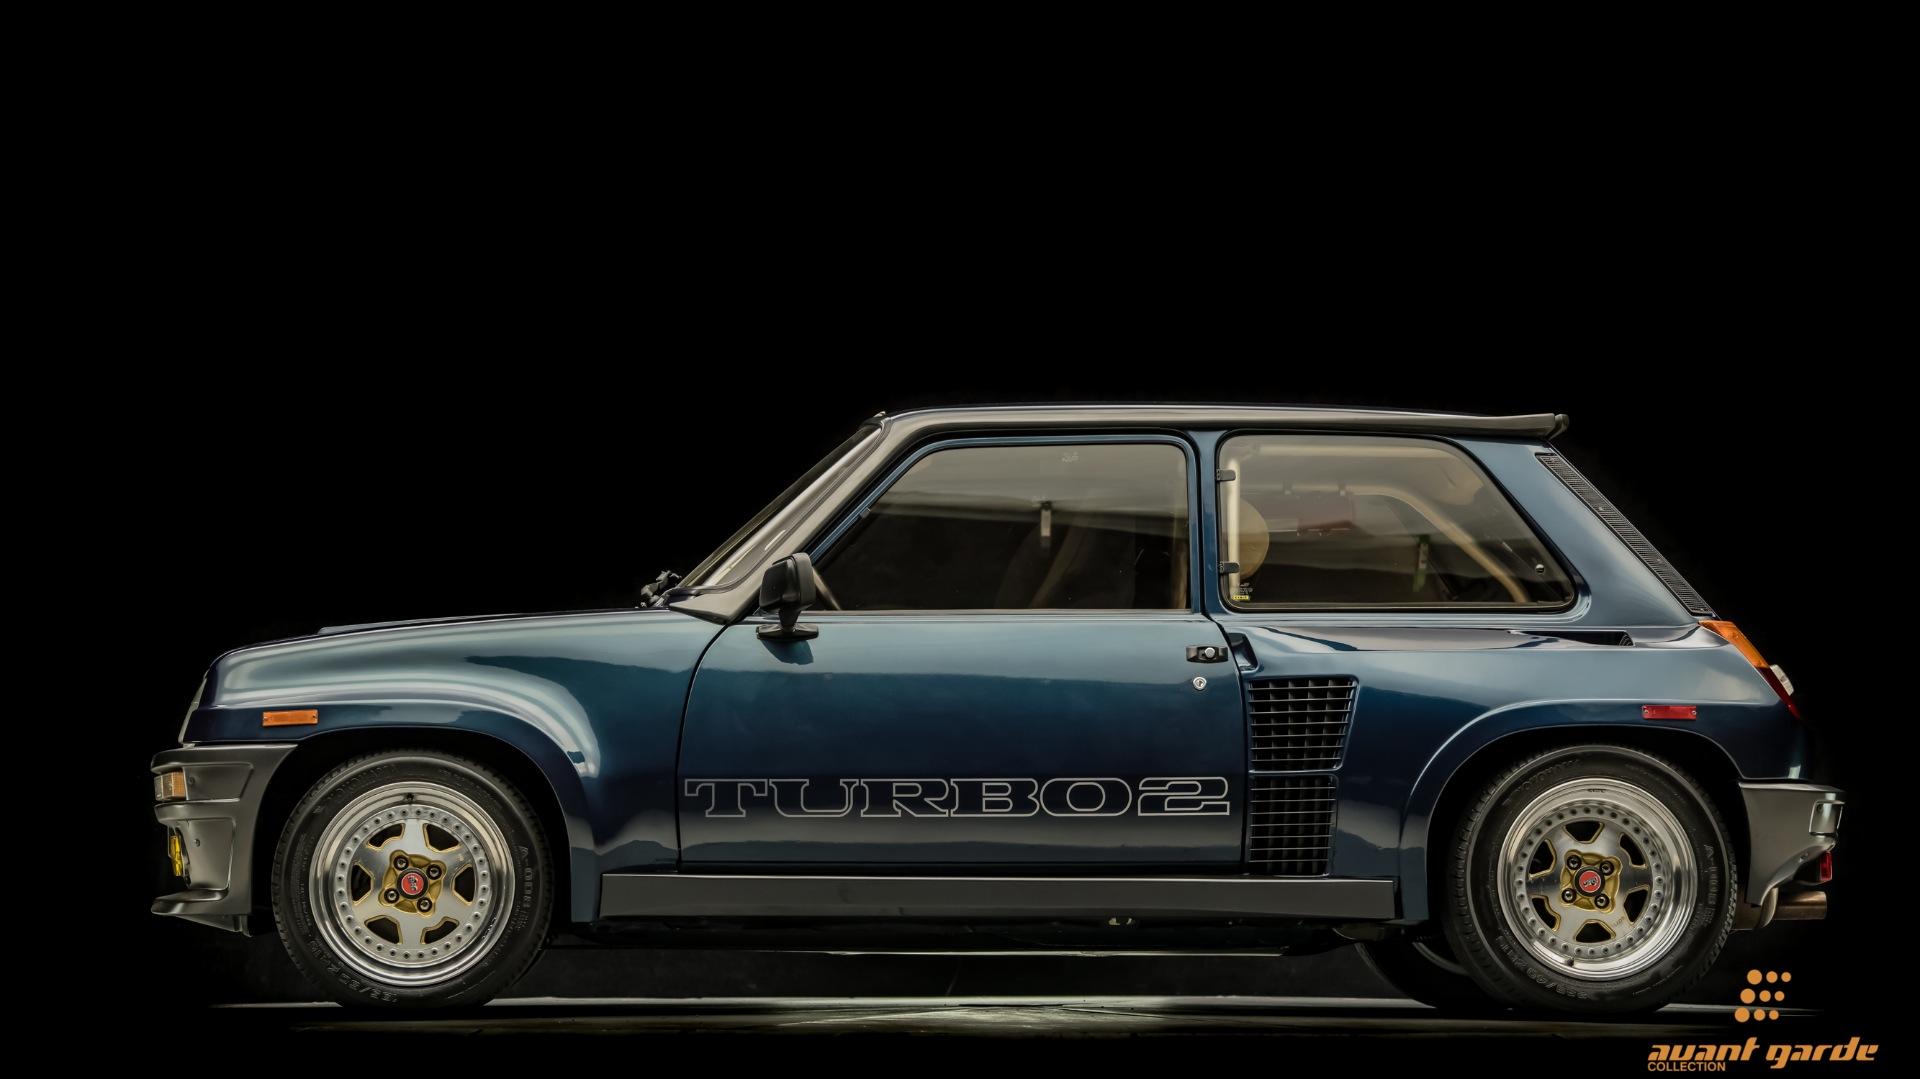 Маркетологи и гонщики довольны этой машиной - Renault 5 Turbo 2 EVO